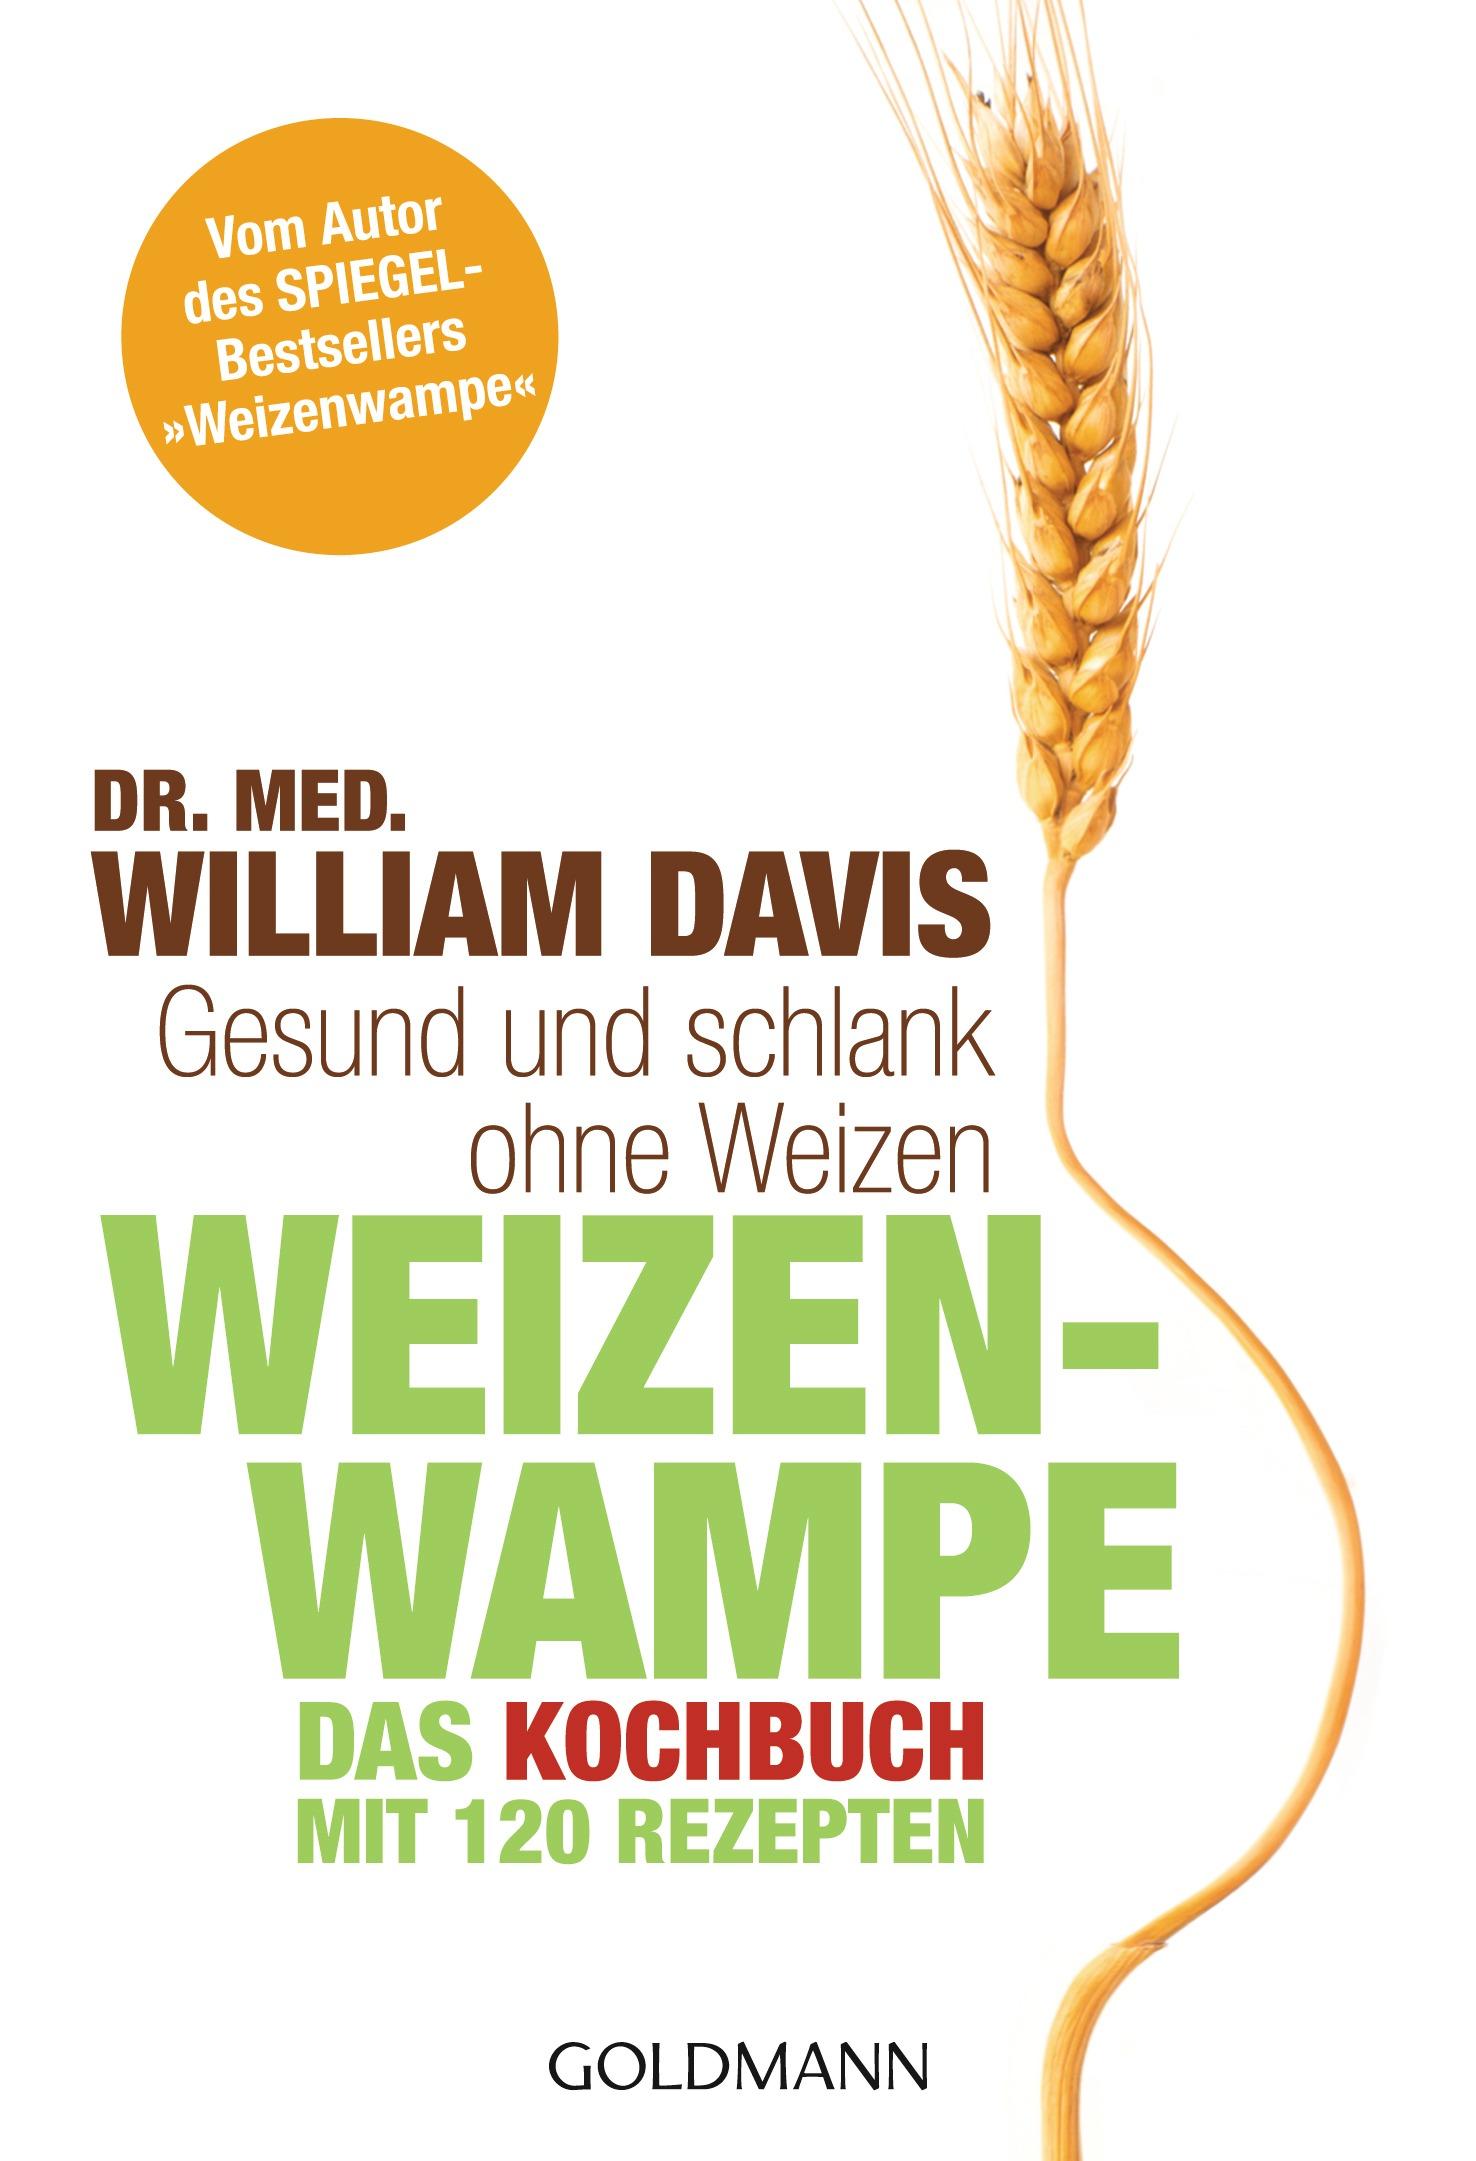 Weizenwampe - Das Kochbuch: Gesund und schlank ohne Weizen - Mit 120 Rezepten - Dr. med. William Davis